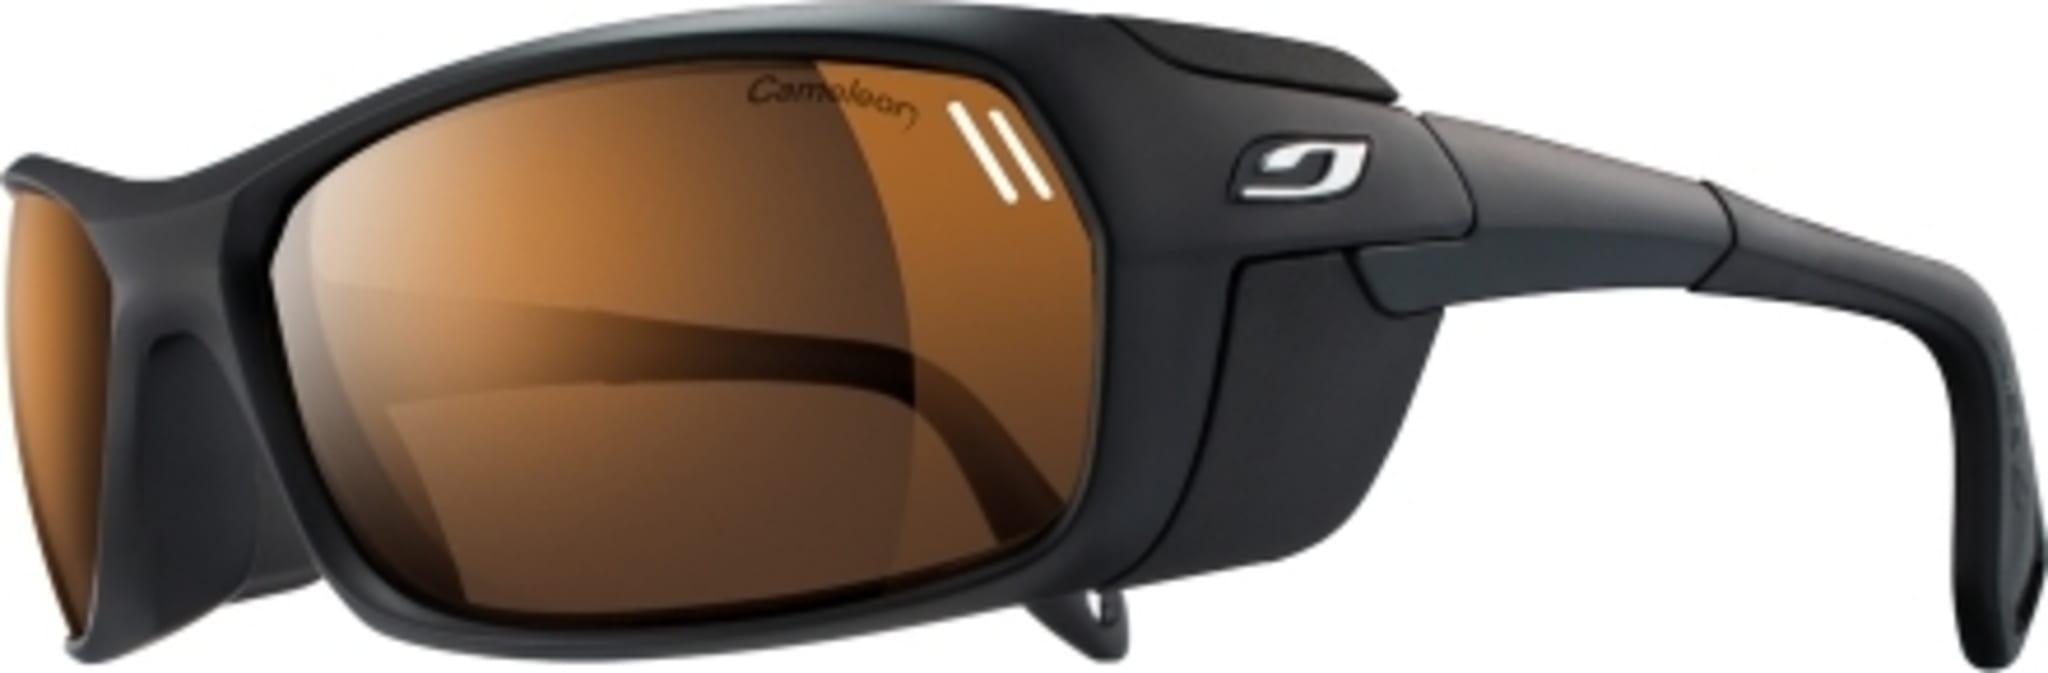 Bre- og høyfjellsbrille med sidebeskyttere